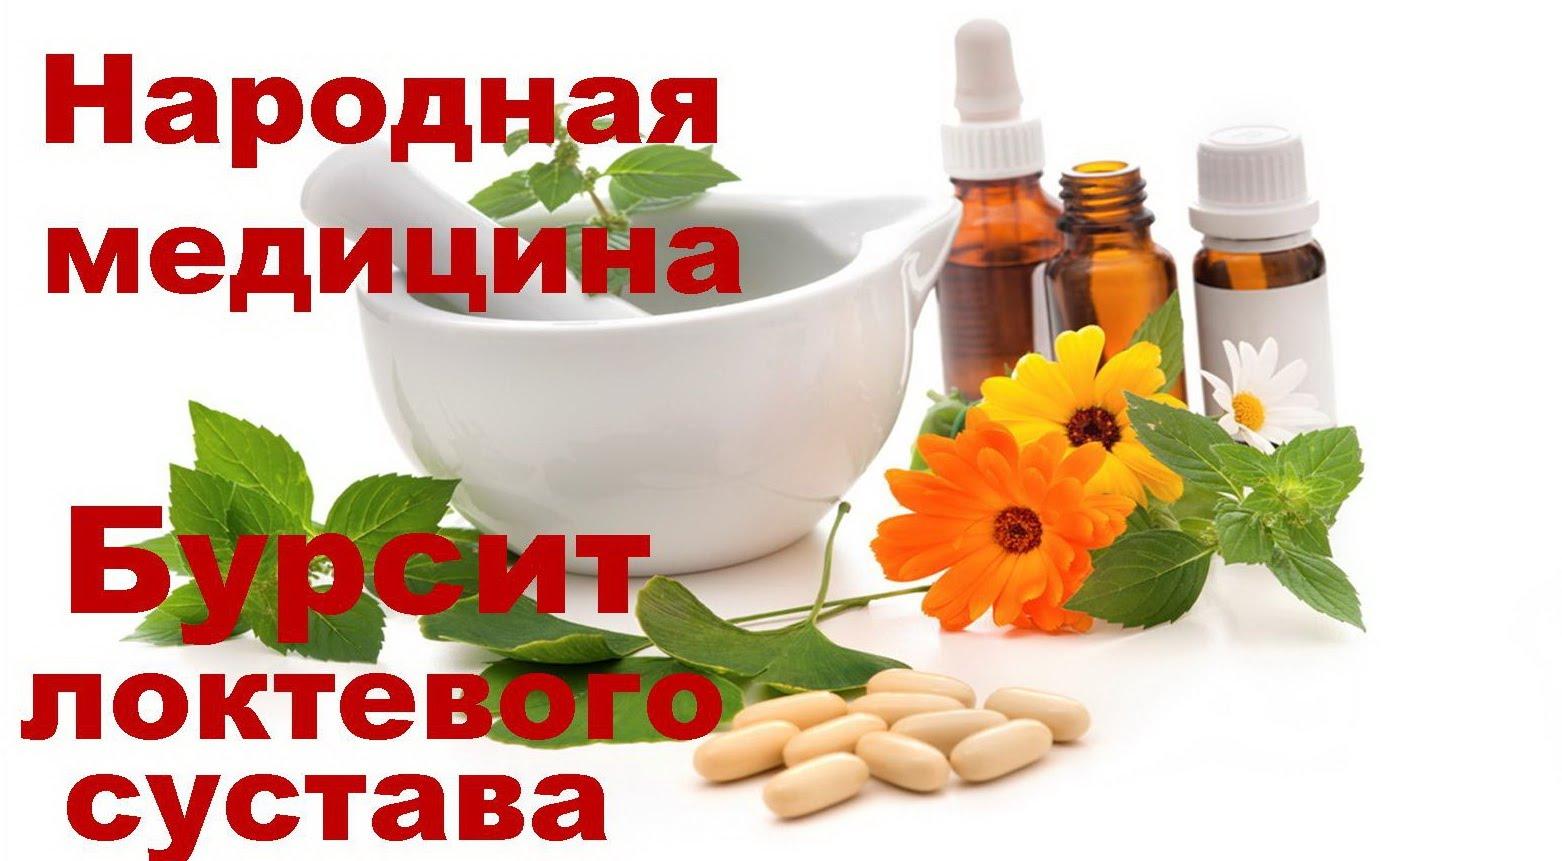 лечение бурсита в домашних условиях народными средствами